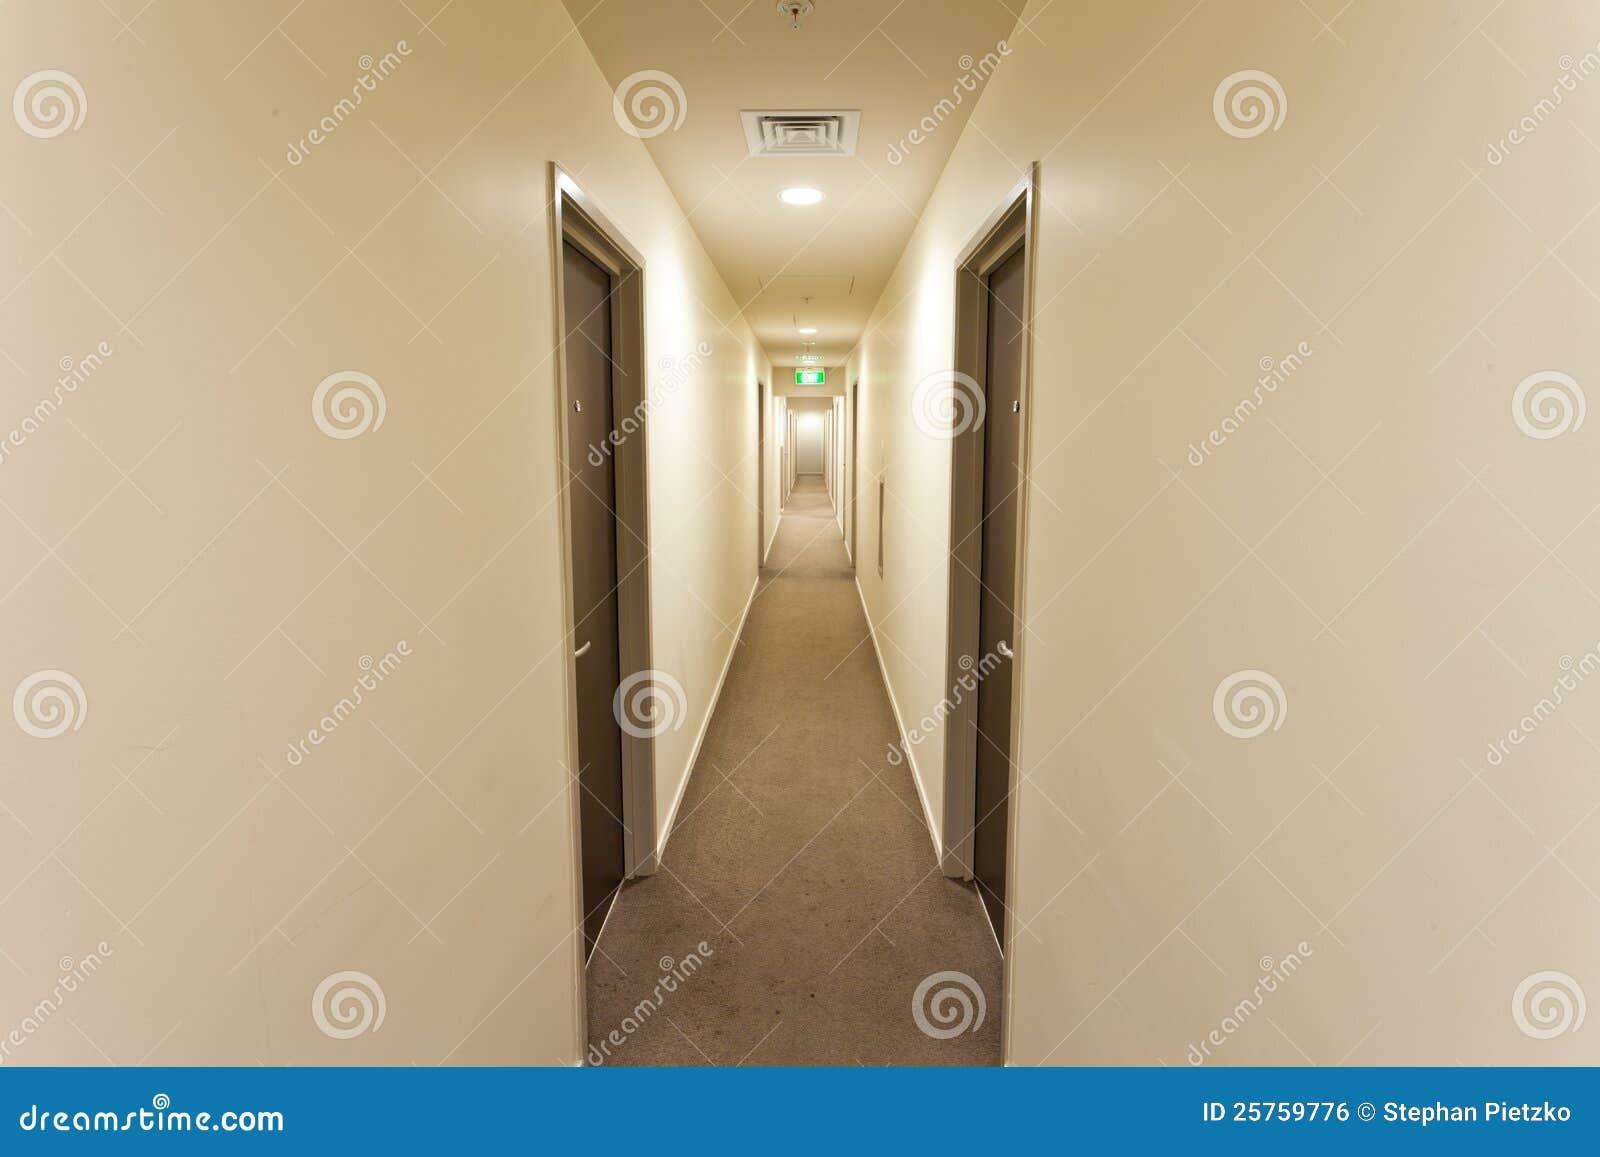 Langer Flur Beleuchtung | Langer Flur Mit Hotelzimmerturen Und Ausgang Kennzeichnen Stockfoto